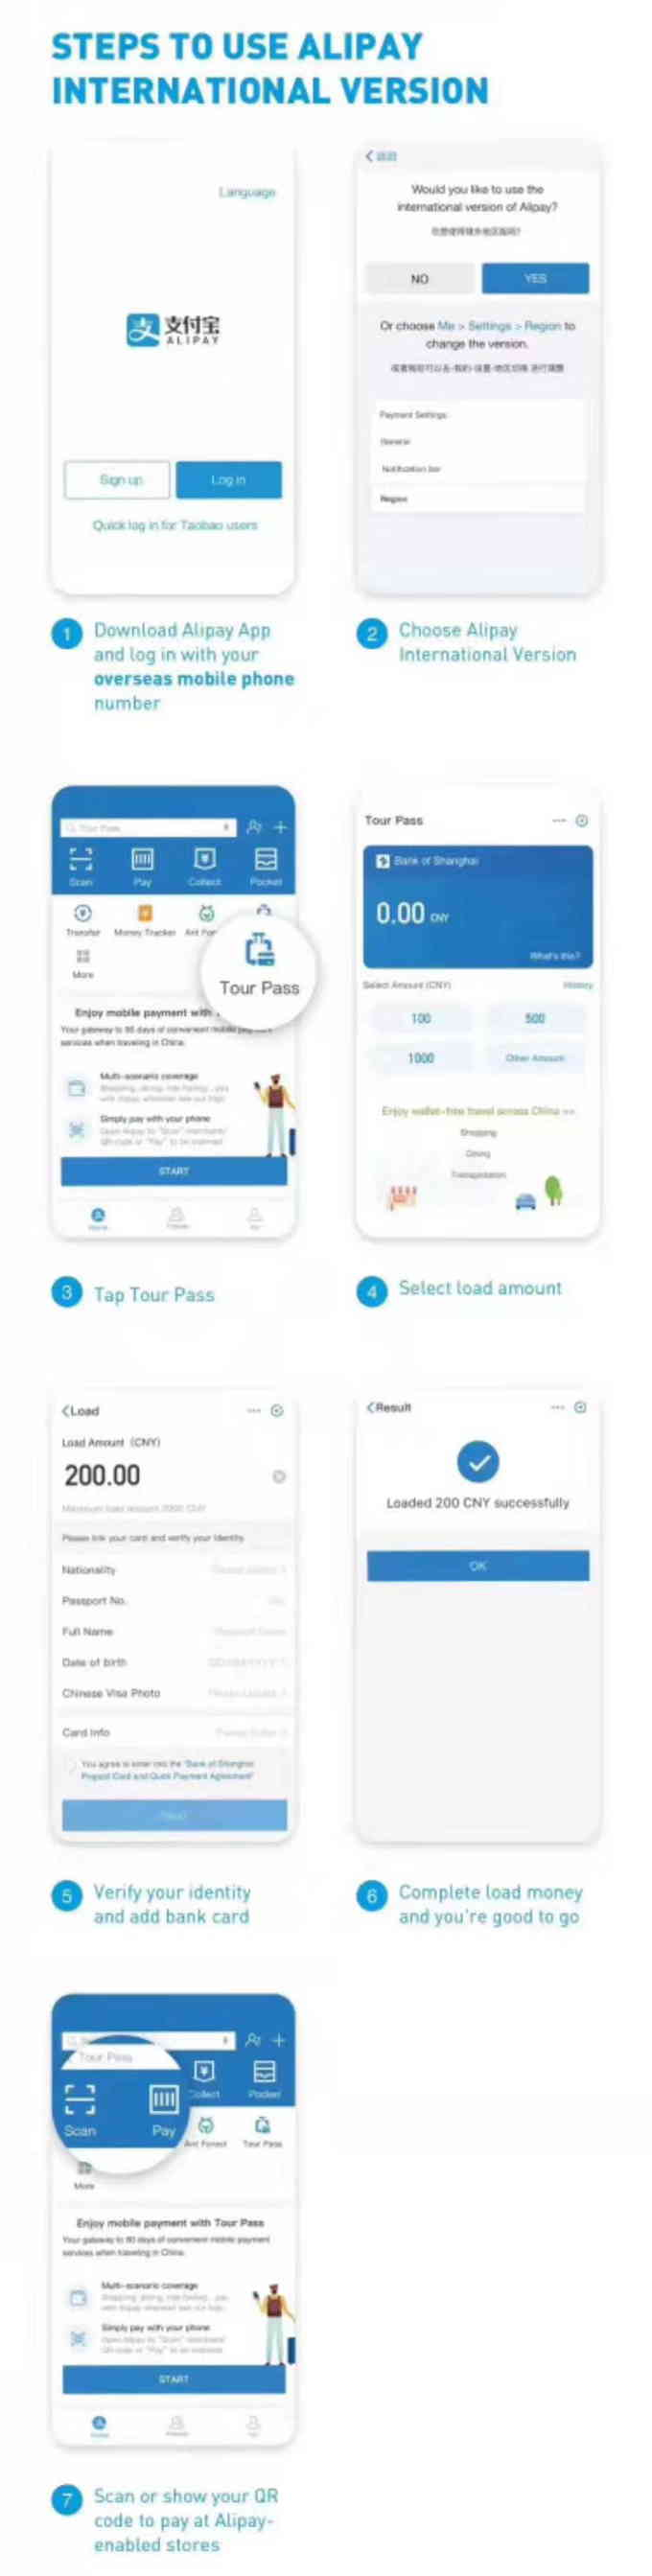 如何使用国际支付宝Tour Pass充值人民币?